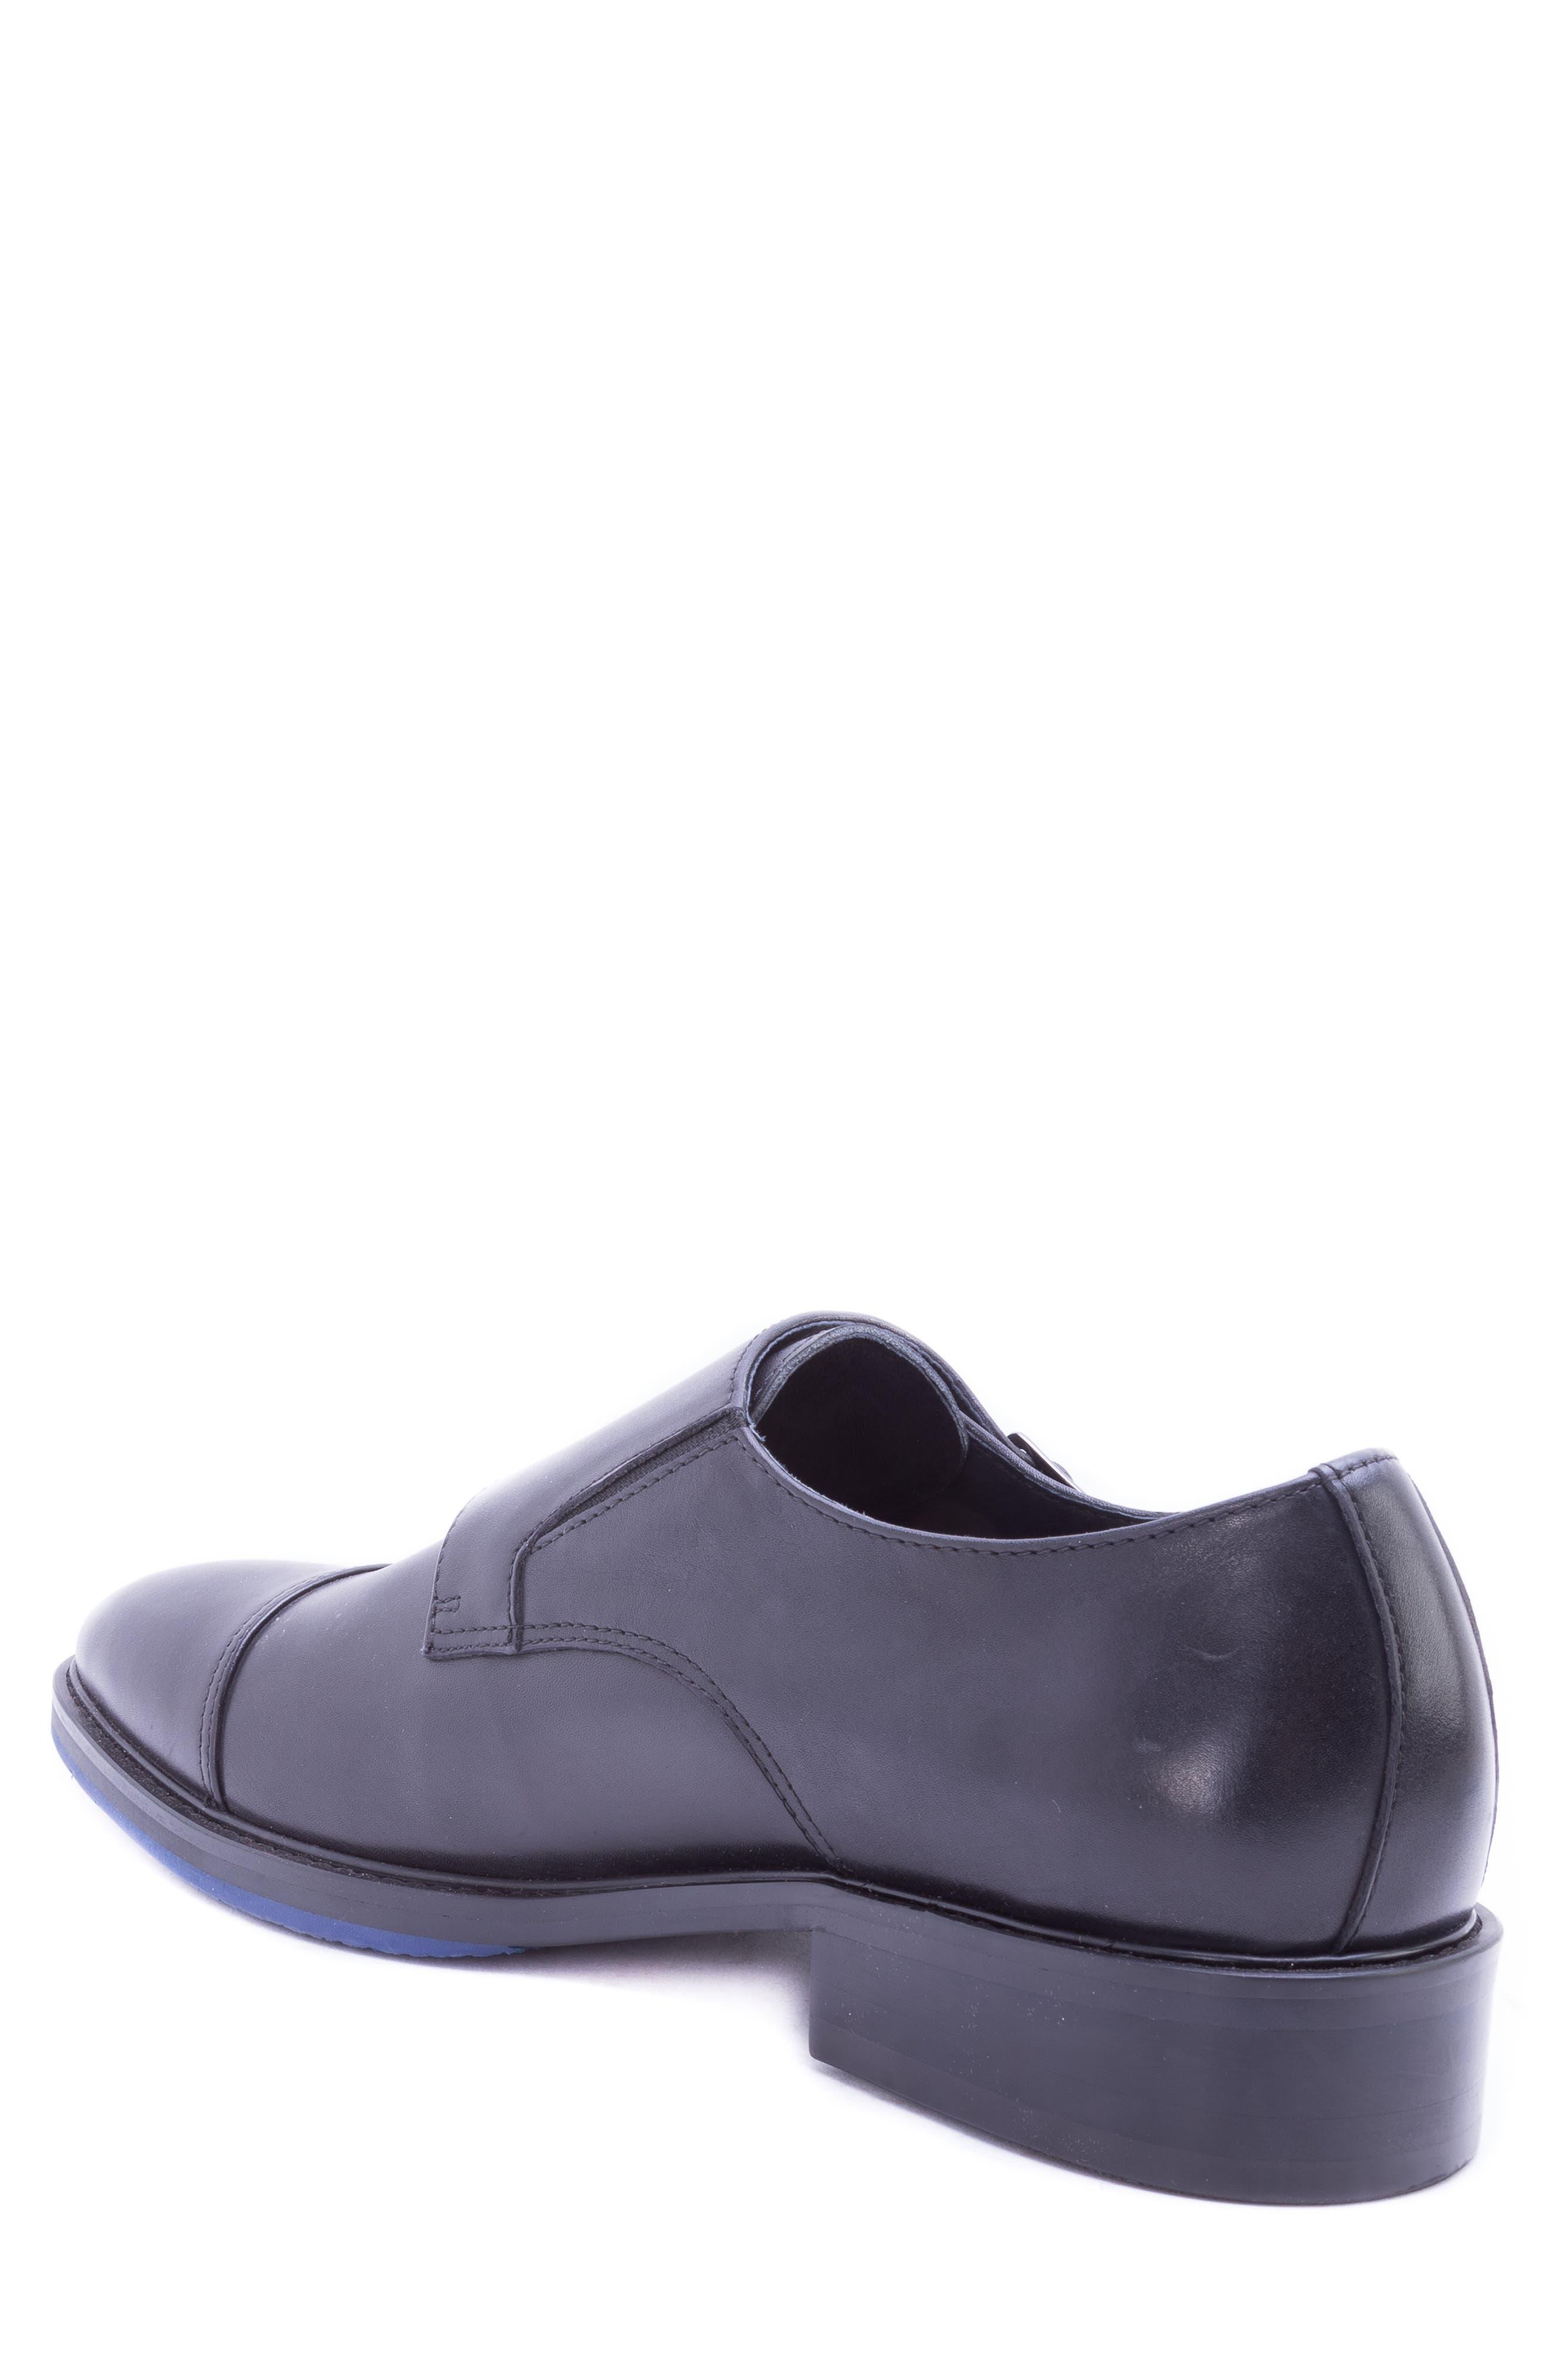 Catlett Double Monk Strap Shoe,                             Alternate thumbnail 2, color,                             BLACK LEATHER